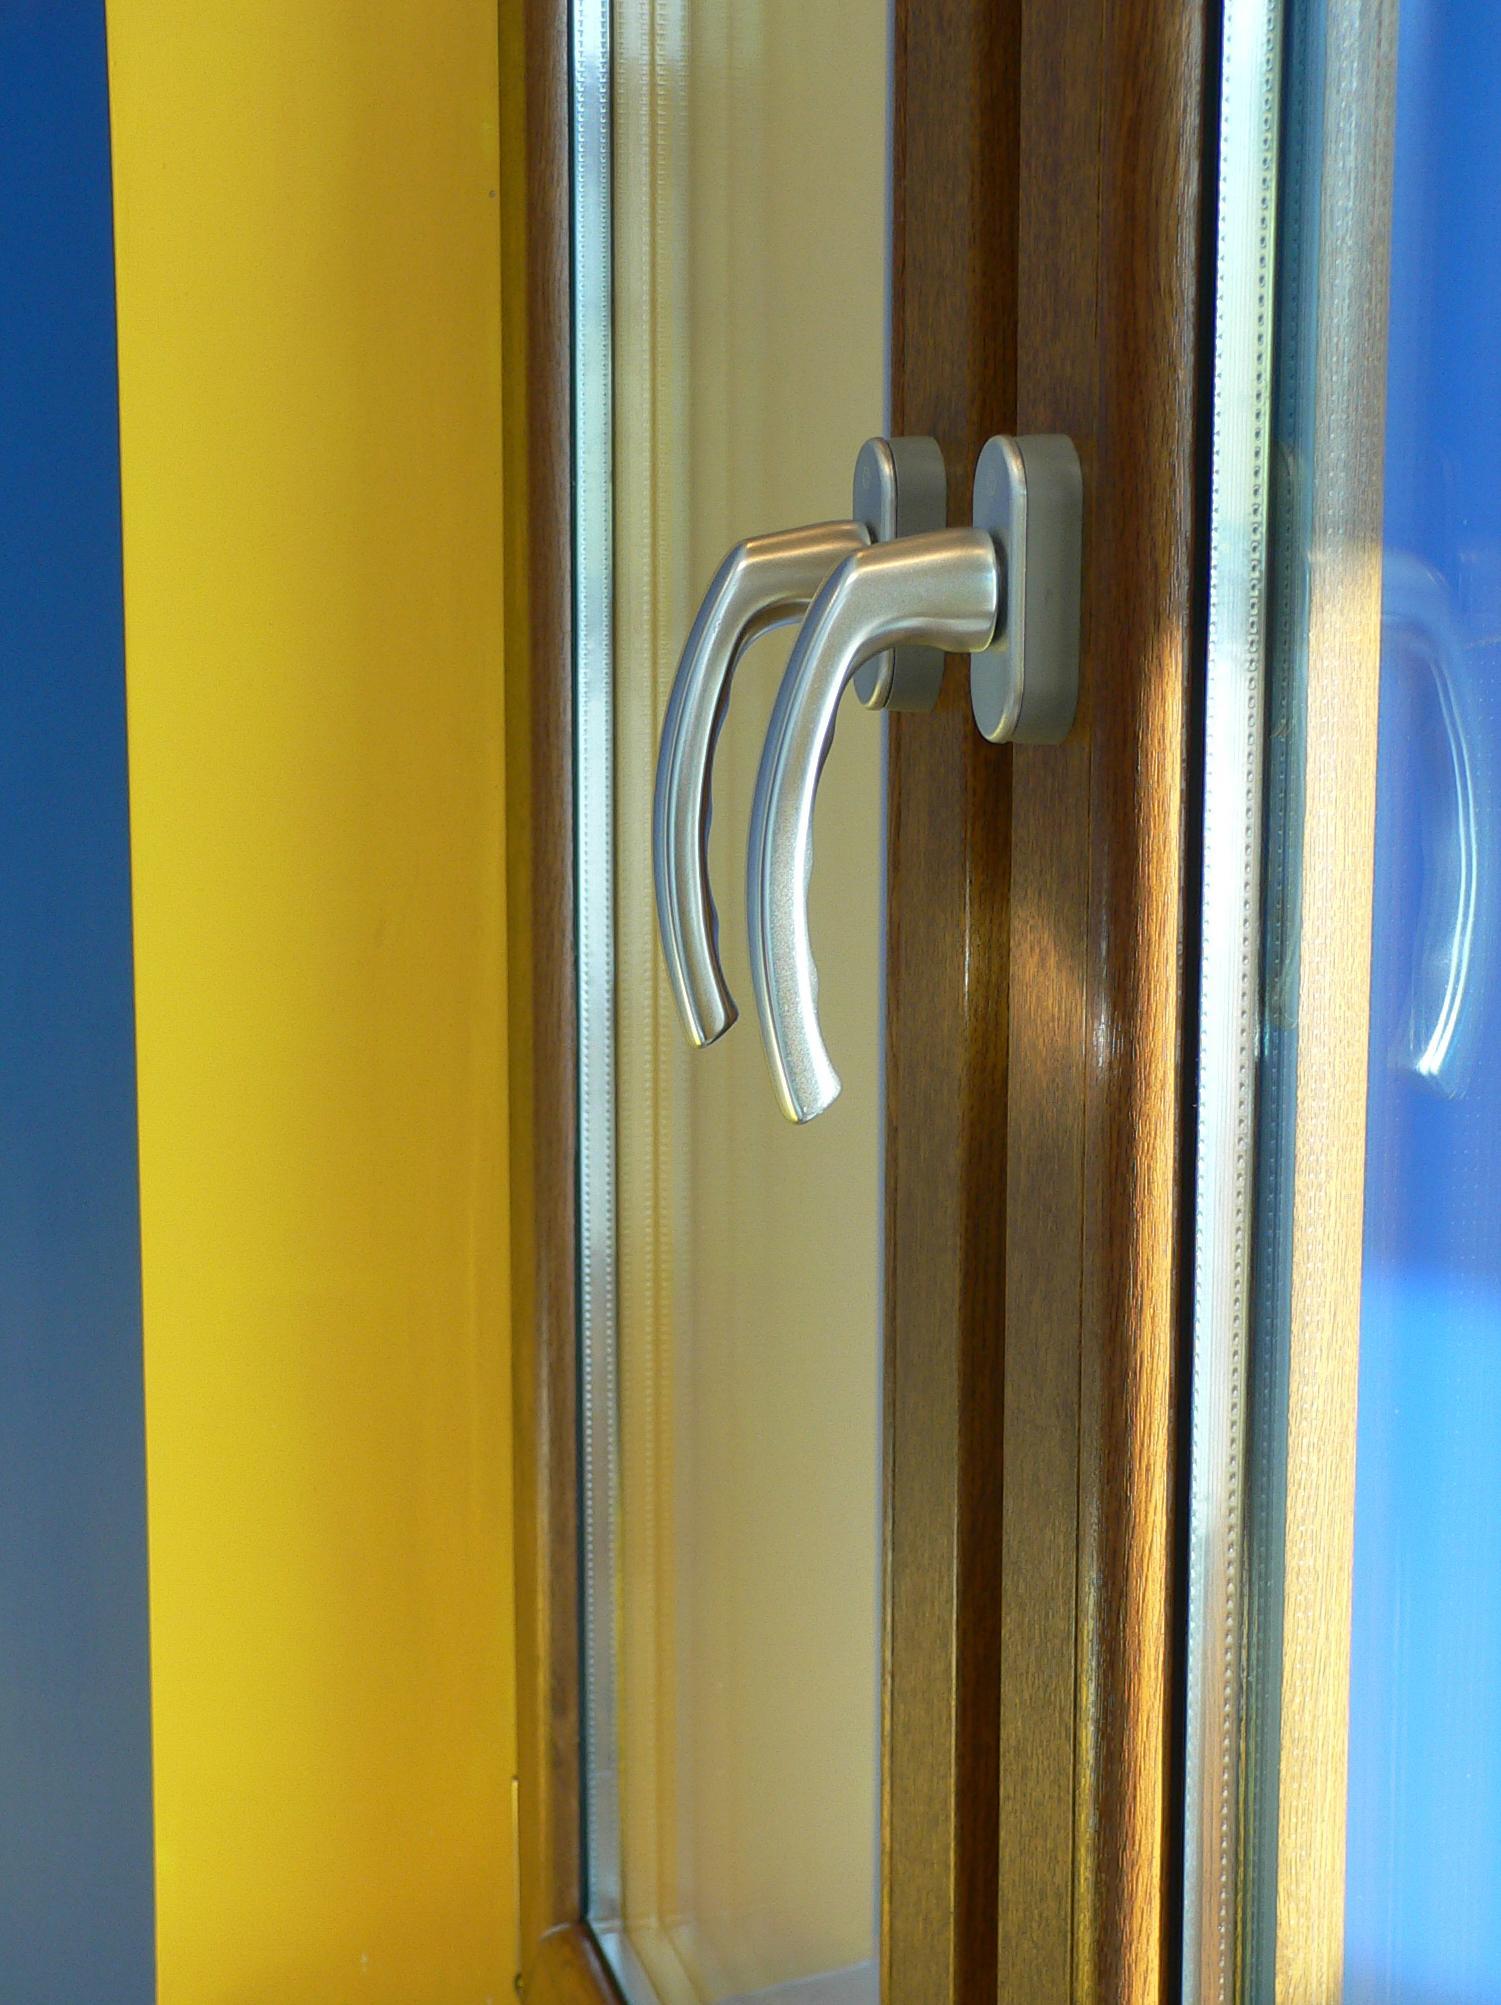 Foto 4 de Carpintería de aluminio, metálica y PVC en Vitoria-Gasteiz | Am Carpintería de Aluminio